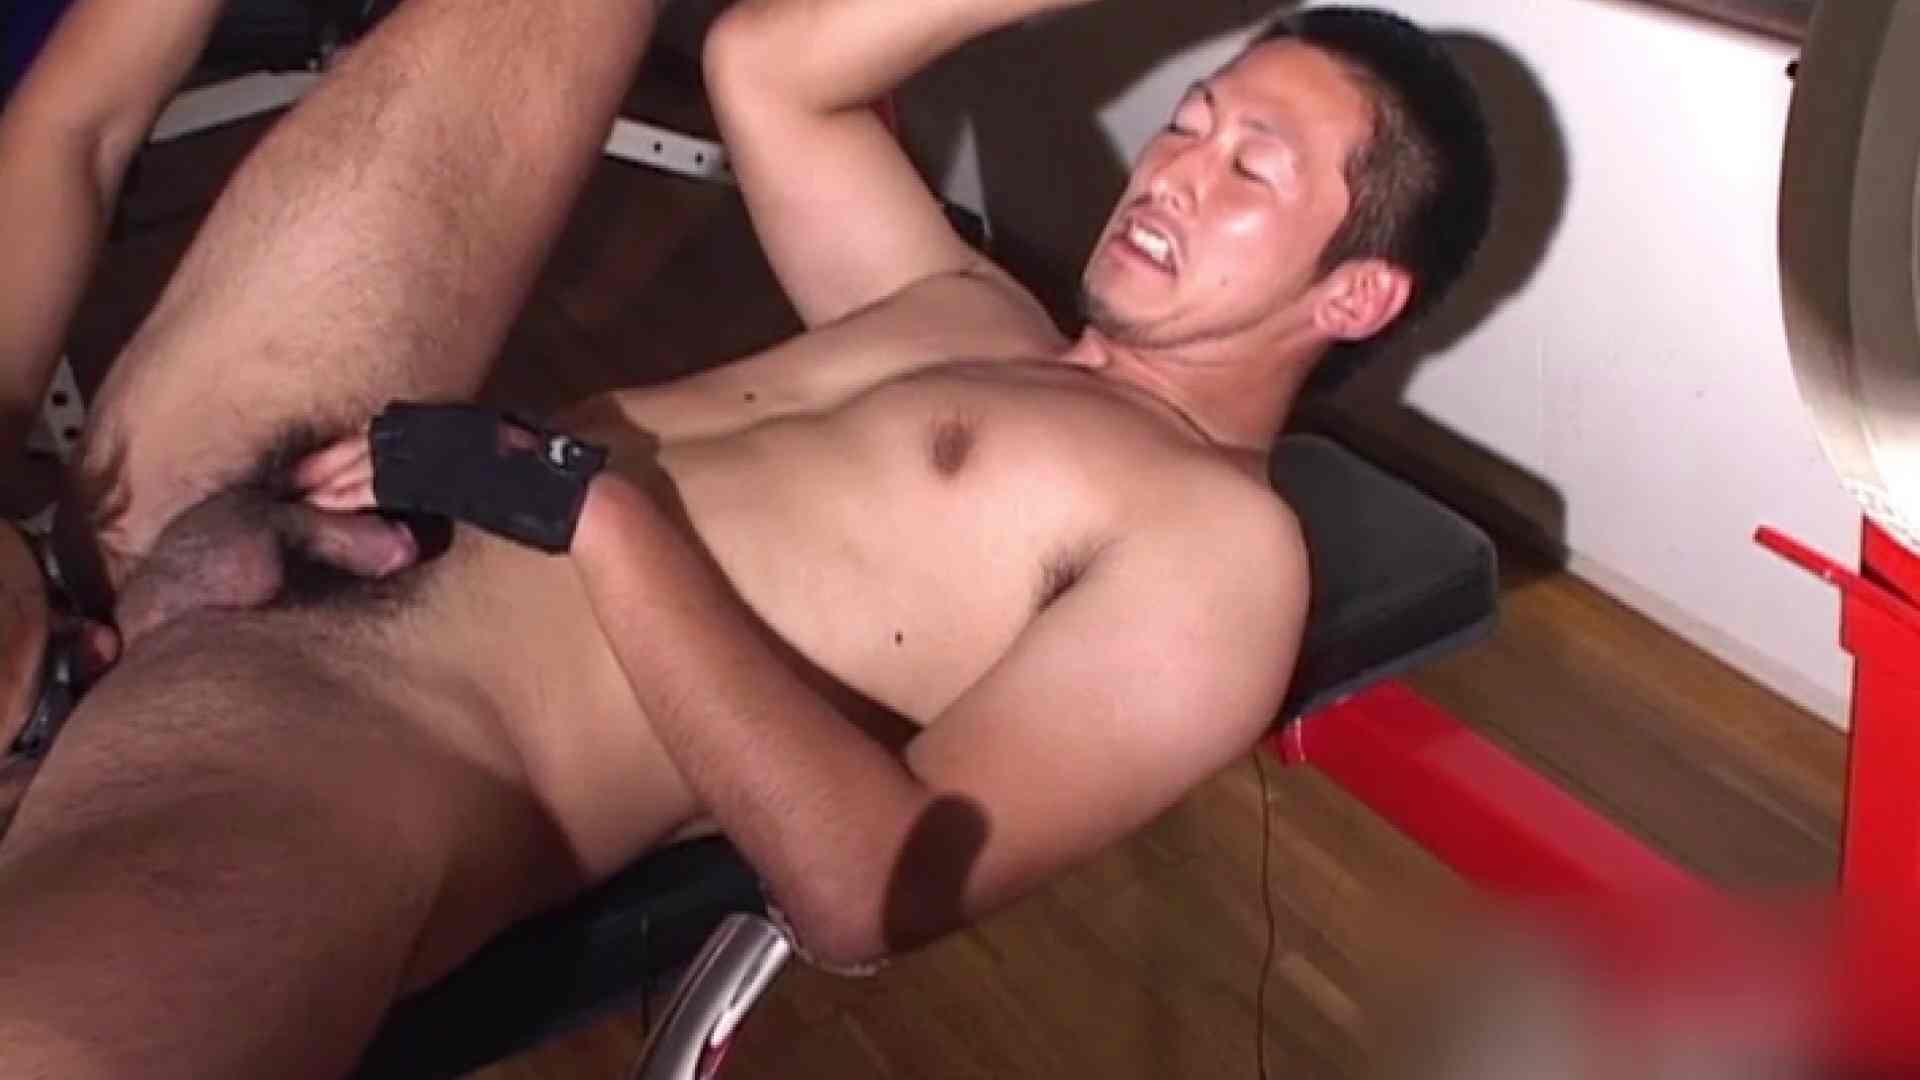 珍肉も筋肉の内!!vol.1 アナル舐めて ゲイエロ動画 86枚 85